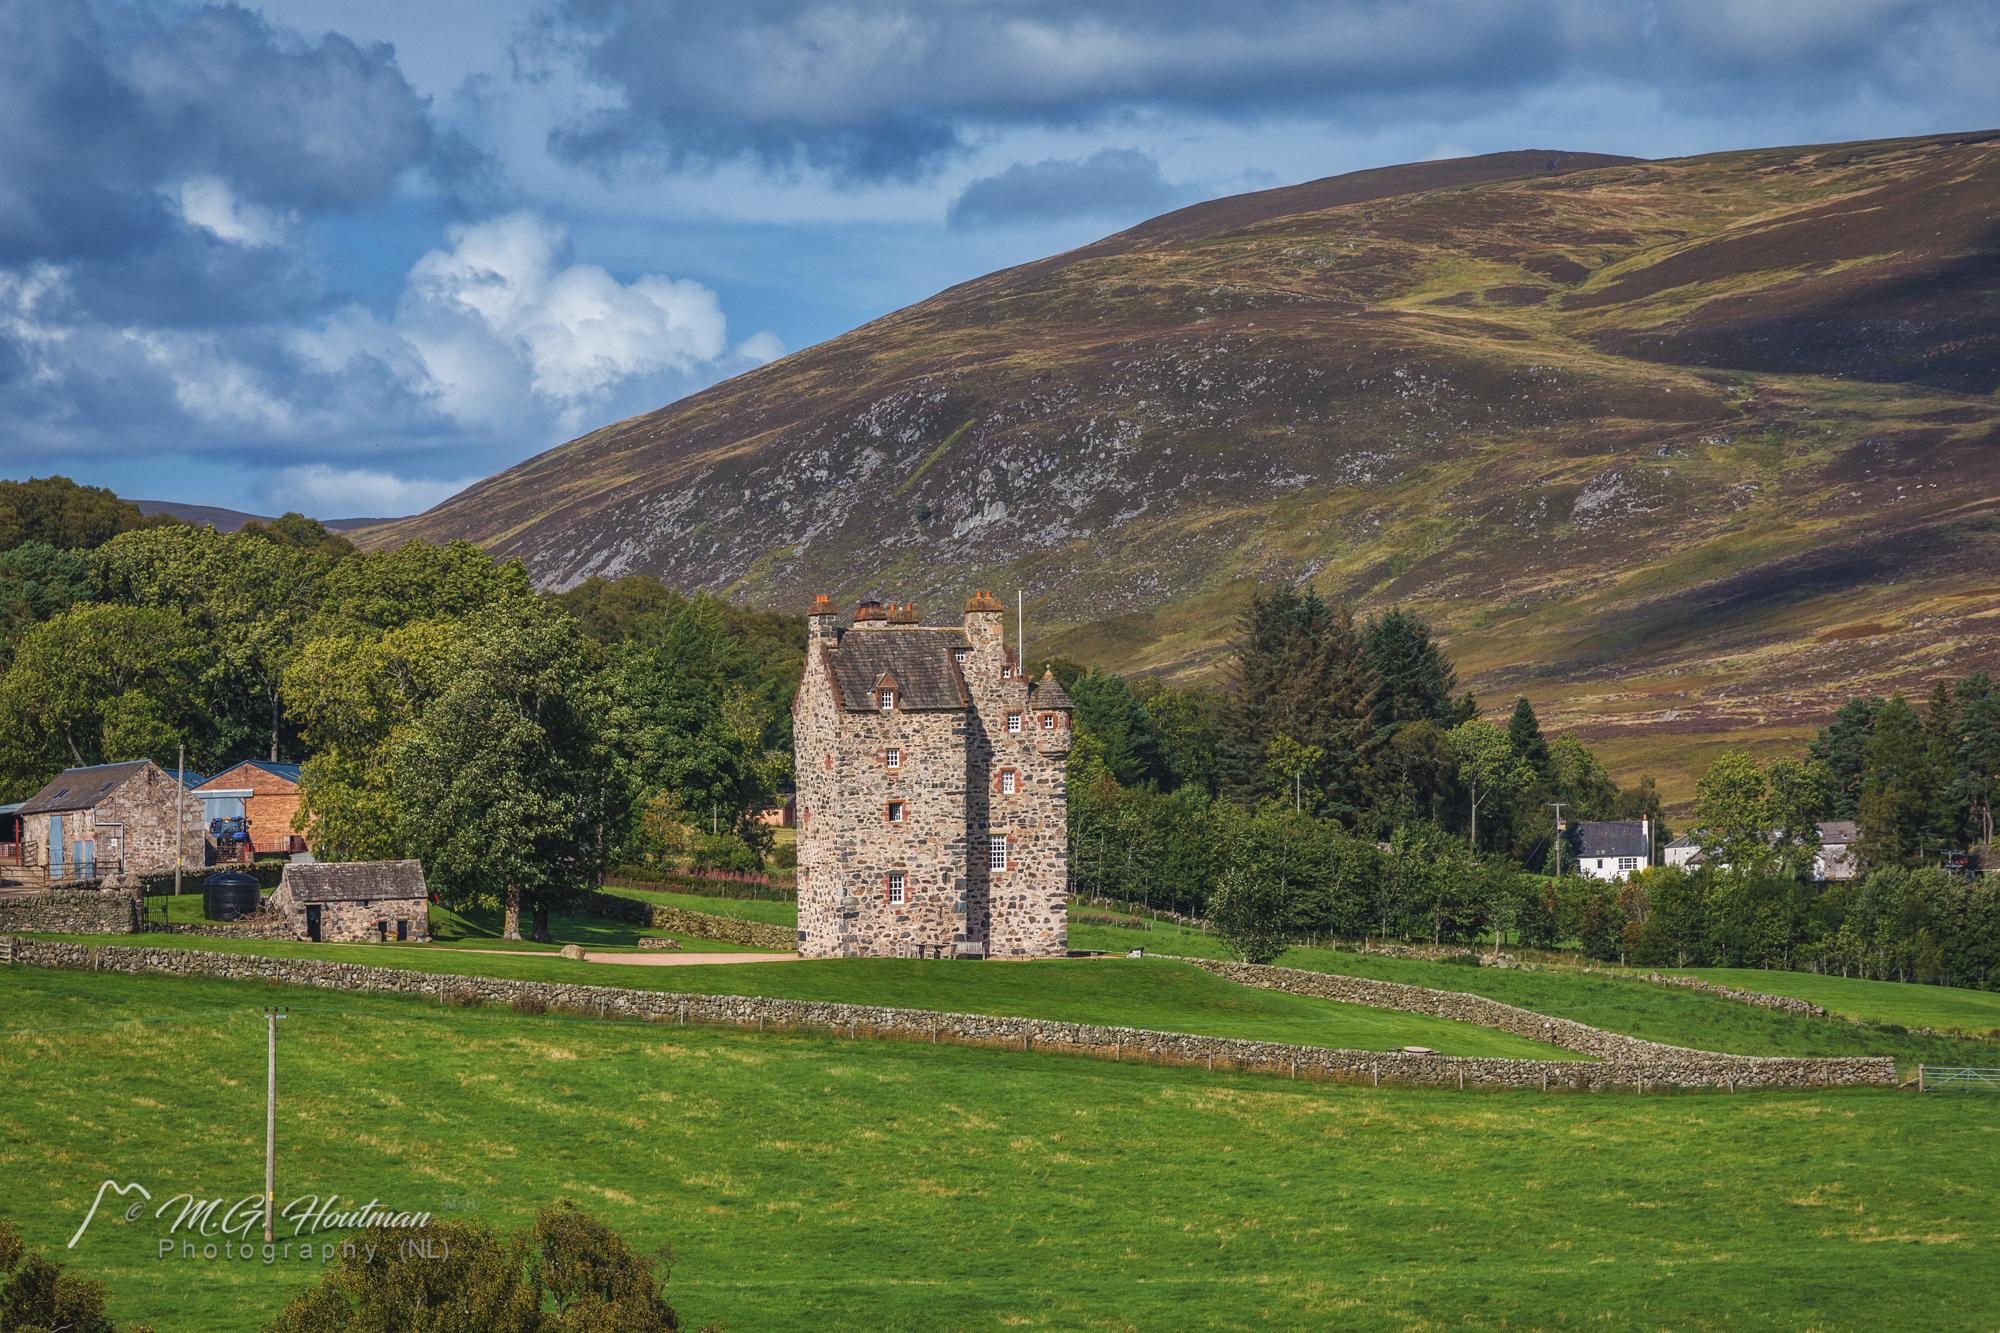 Forter Castle - Blairgowrie, Schotland (UK)